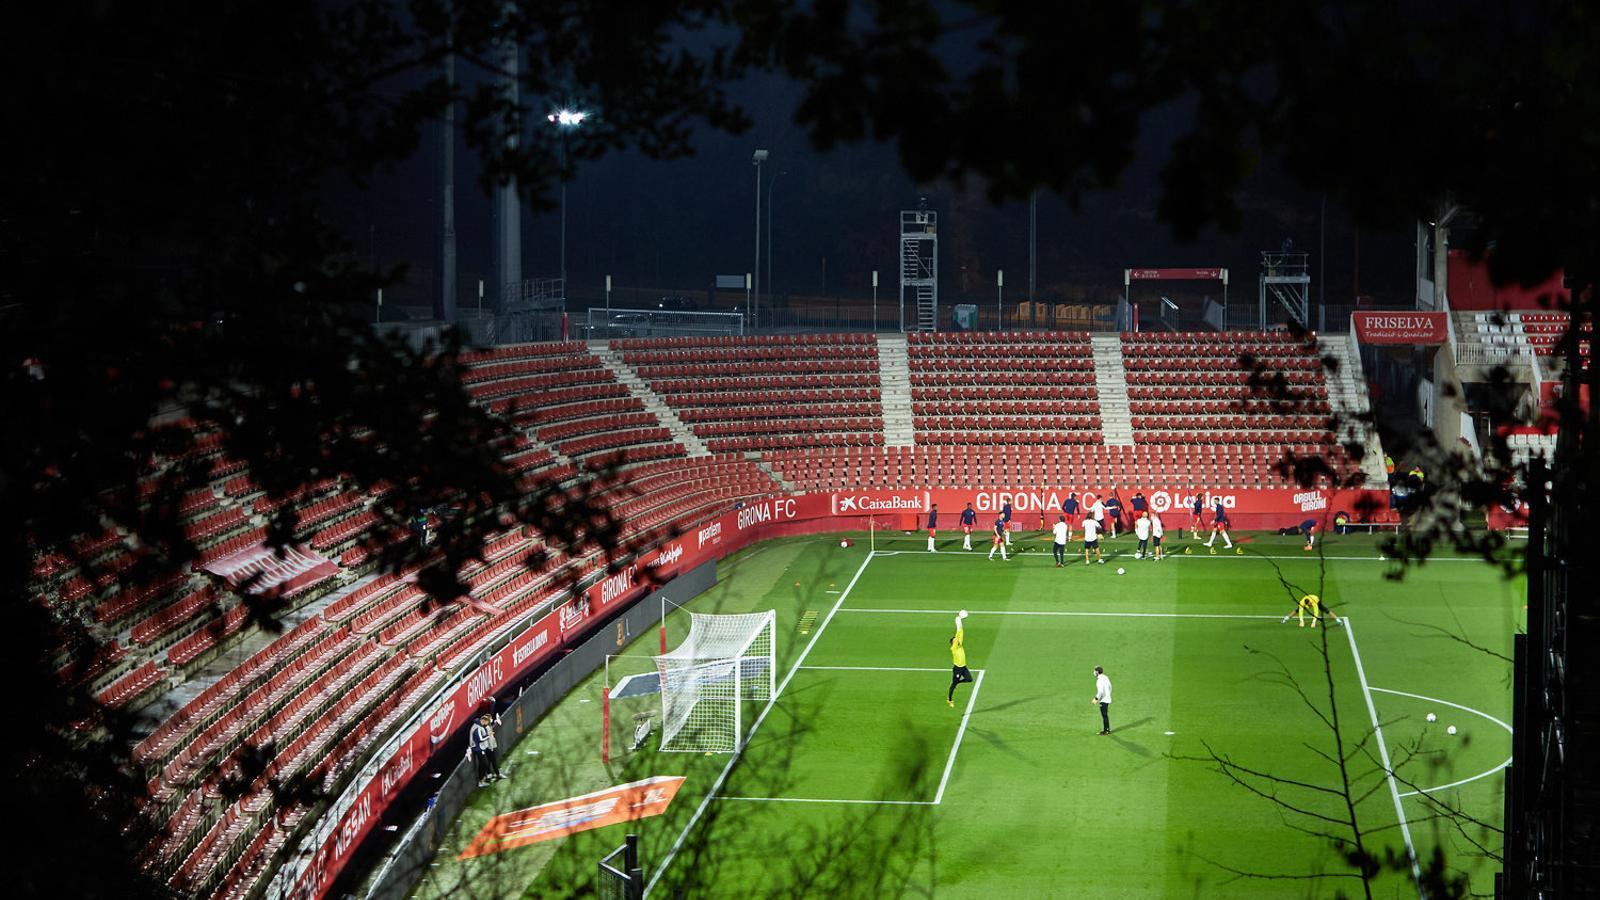 És molt difícil motivar els jugadors amb les grades buides  a l'estadi de Montilivi